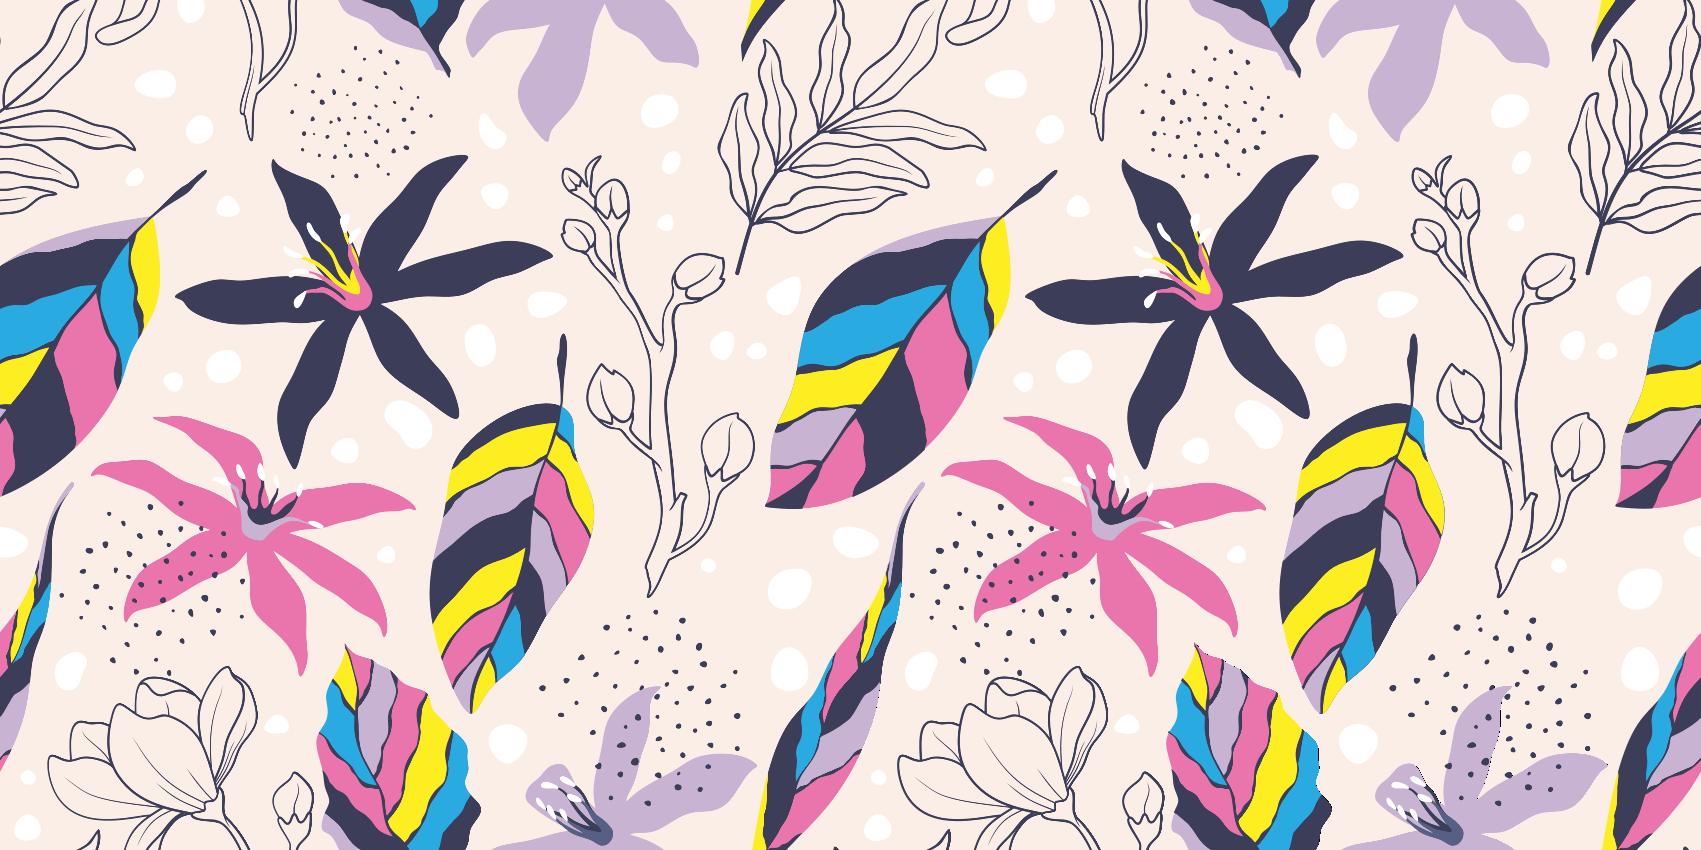 TenStickers. Dywan winylowy Magia kwiatów. Ten dywan kwiatowy materiał winylowy jest tym, czego rozpaczliwie szukałeś. Ten produkt może być dostępny w naprawdę śmiesznej cenie.